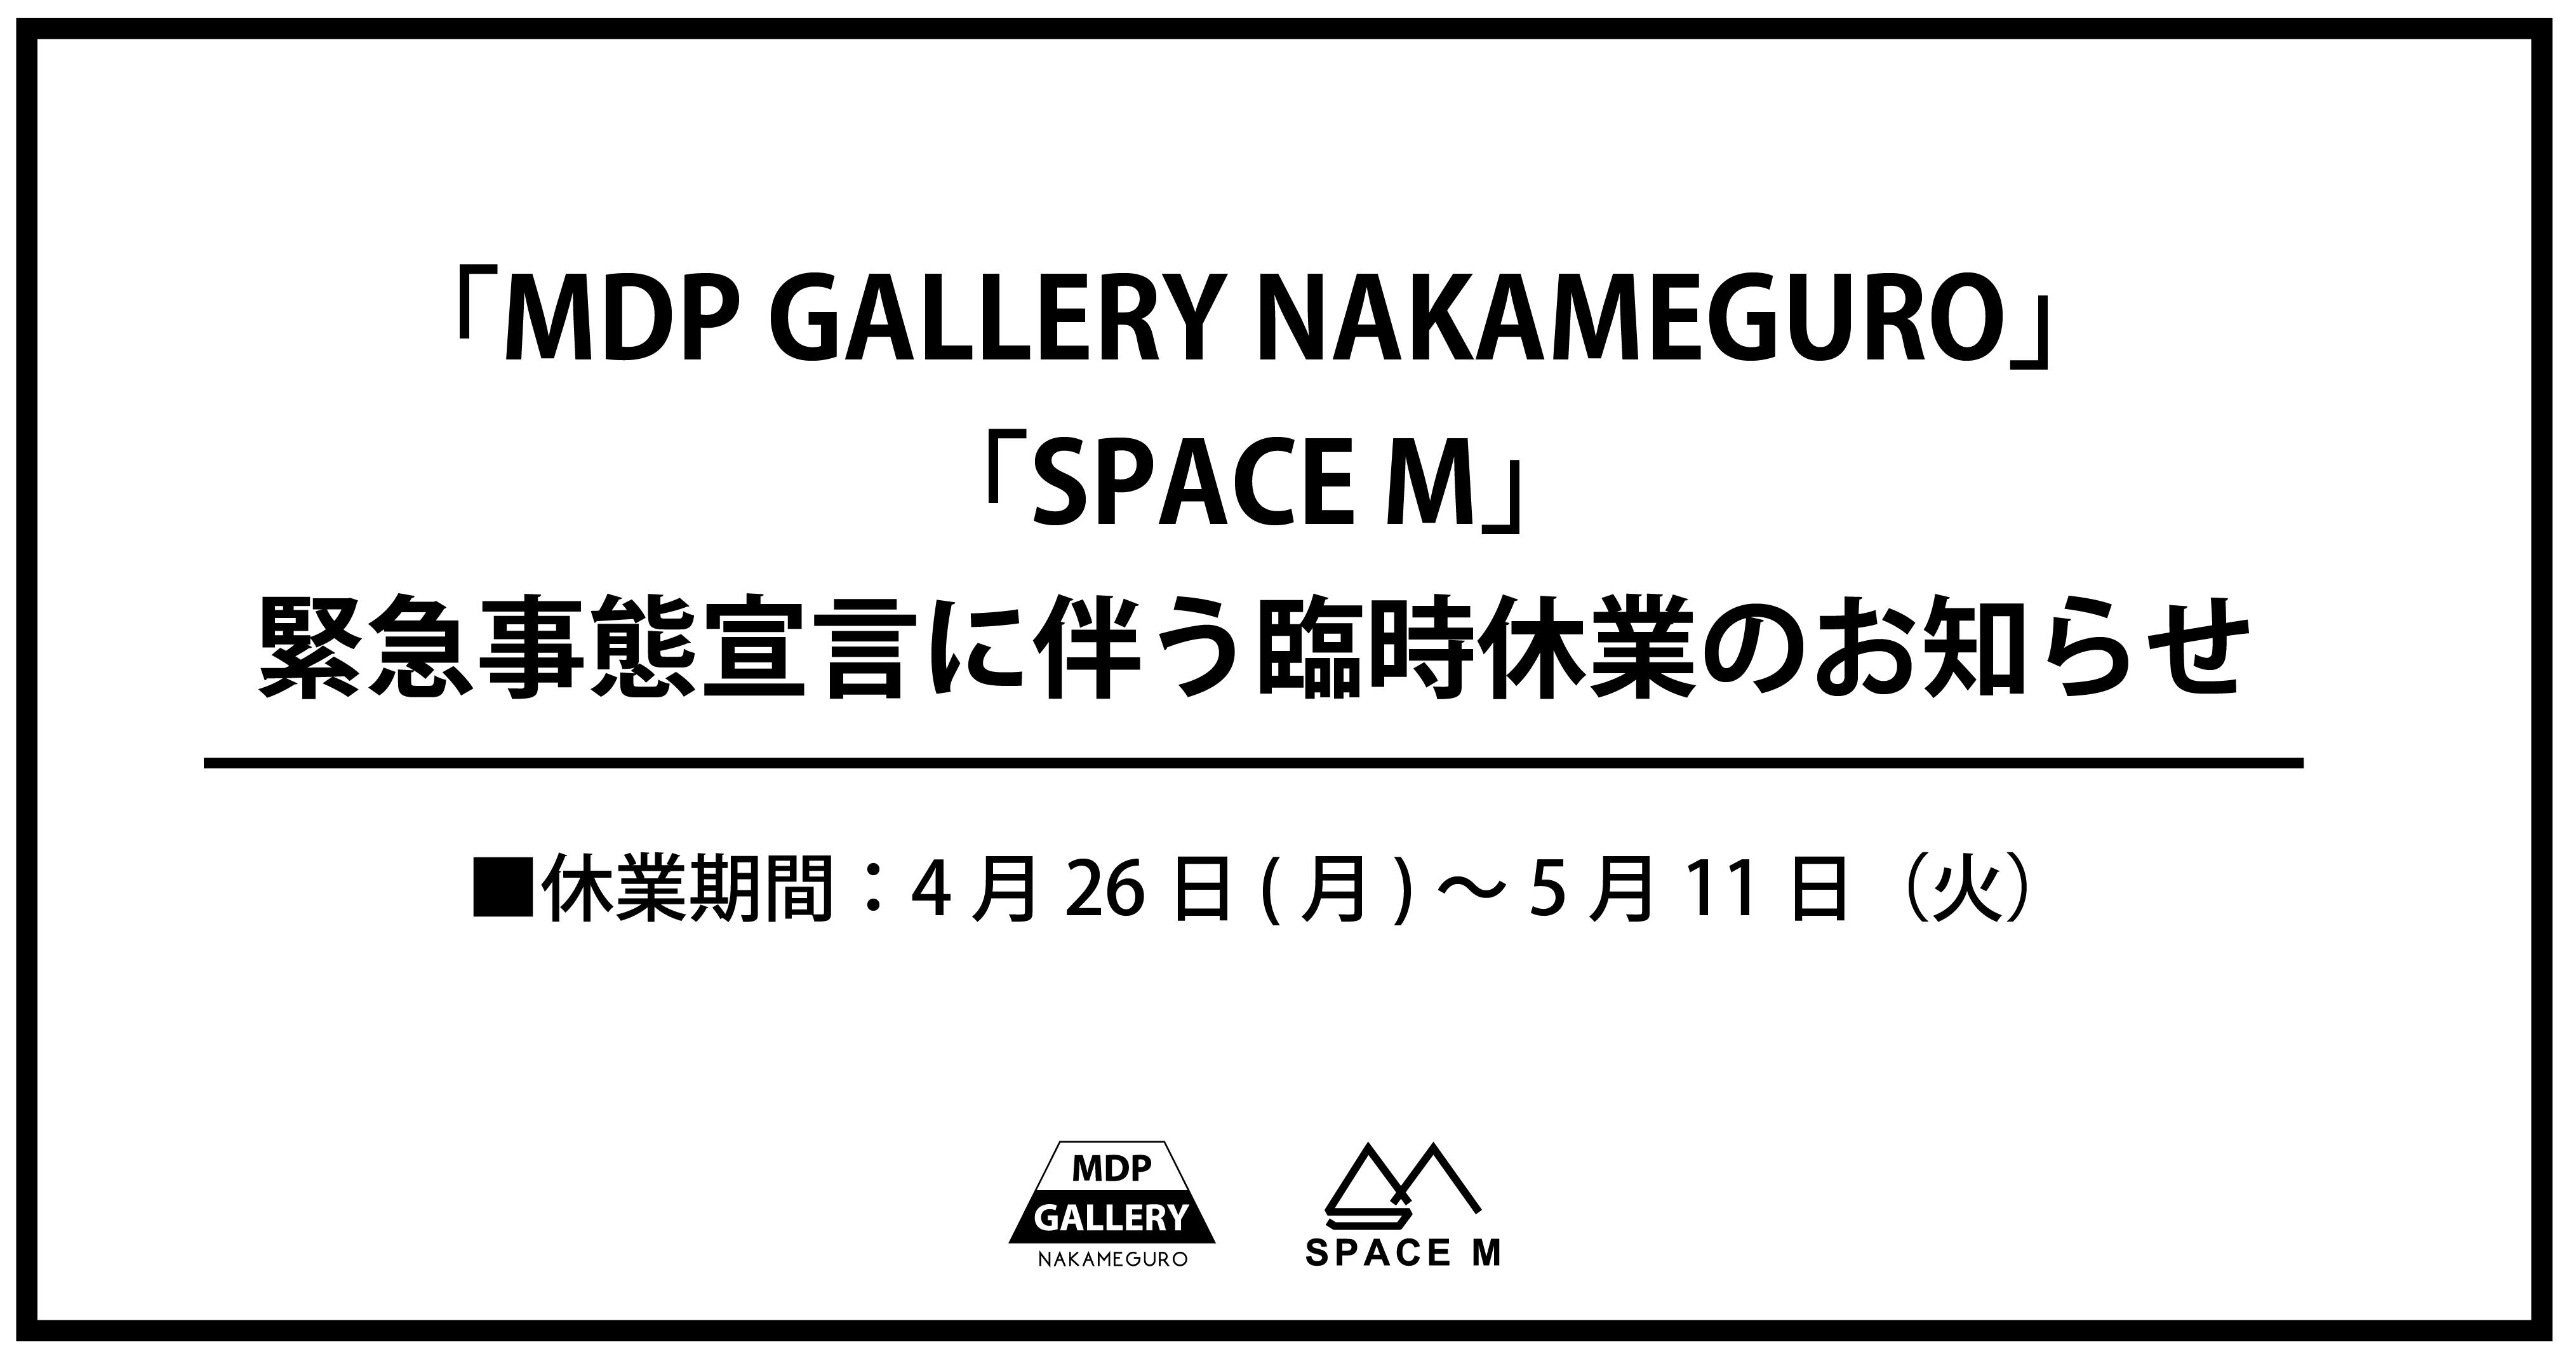 2021playstore_exhibition_ƒnJƒi[ol_5